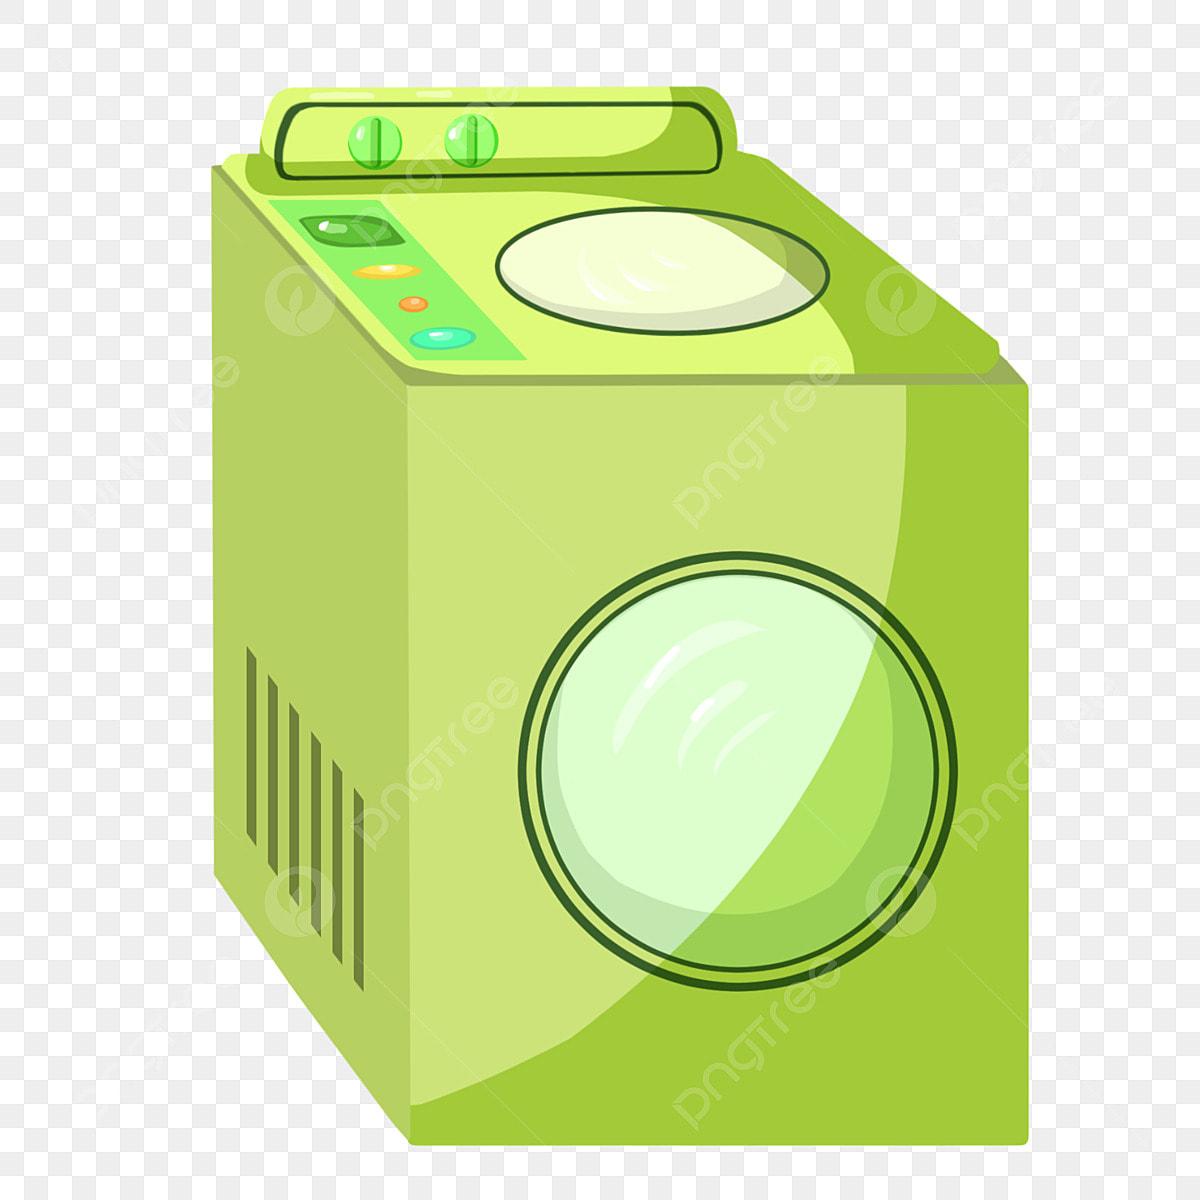 Nettoyer Machine À Laver Le Linge machine à laver le linge de nettoyage, nettoyage de